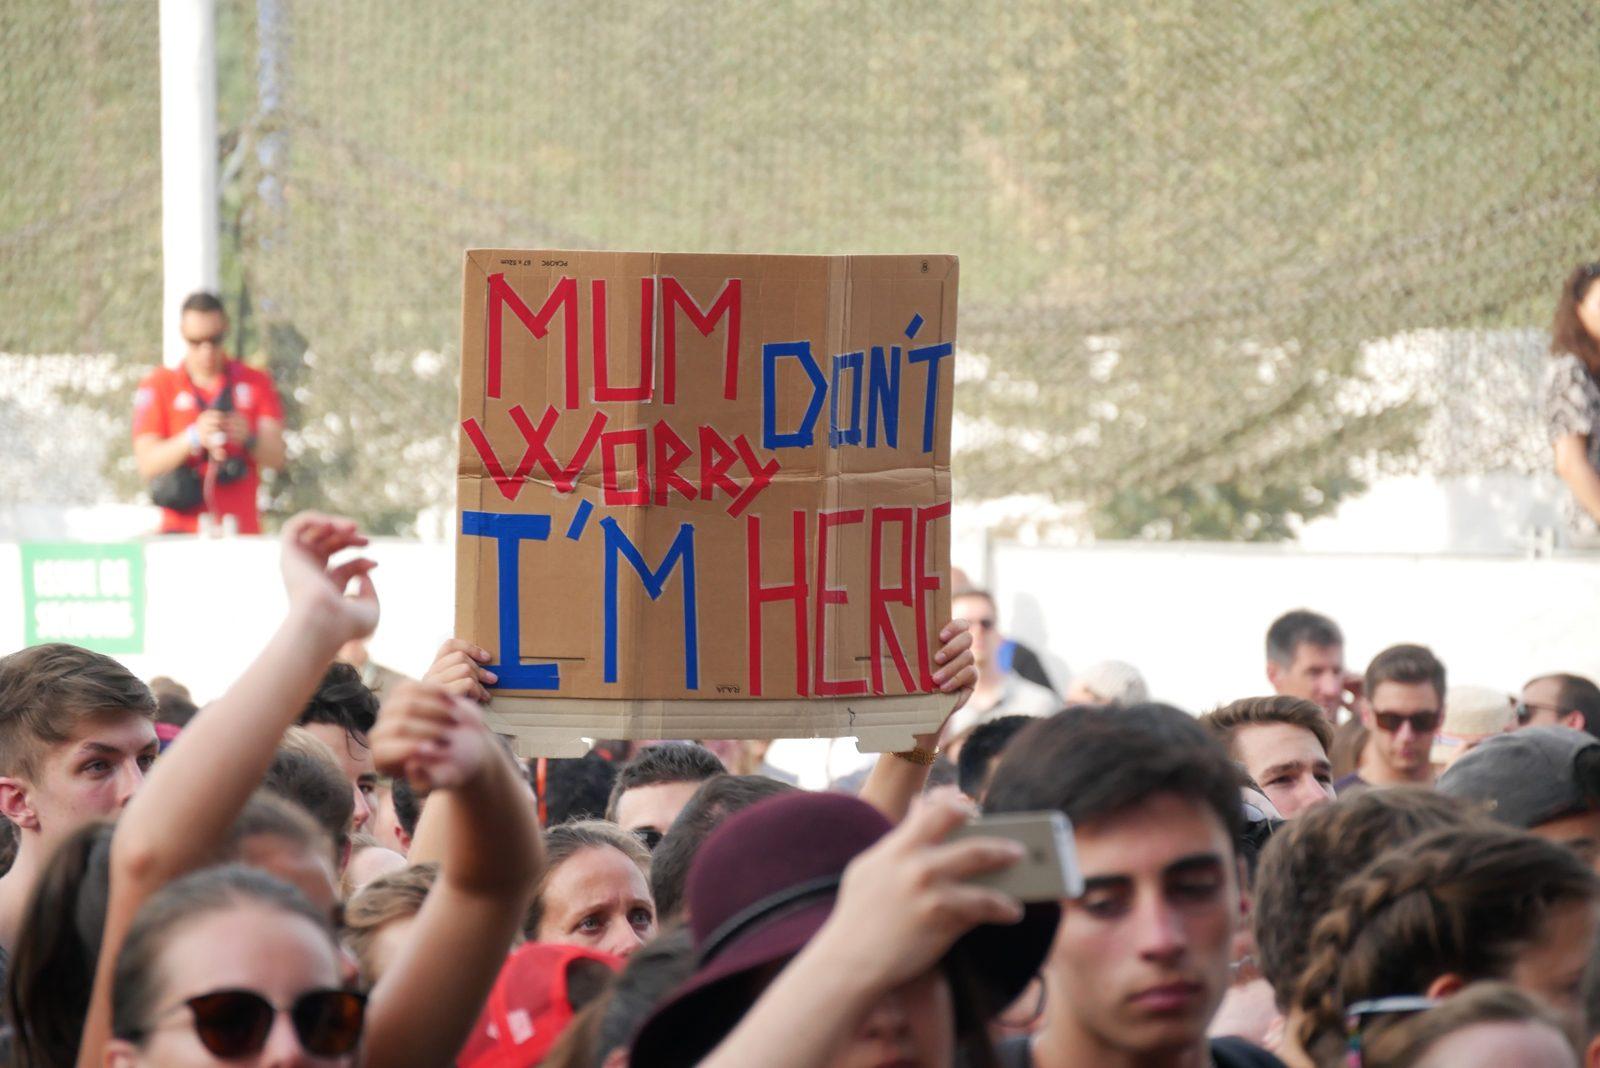 Bastille band message fan Mum don t worry I m here live concert Rock en Seine 2016 festival paris photo usofparis blog